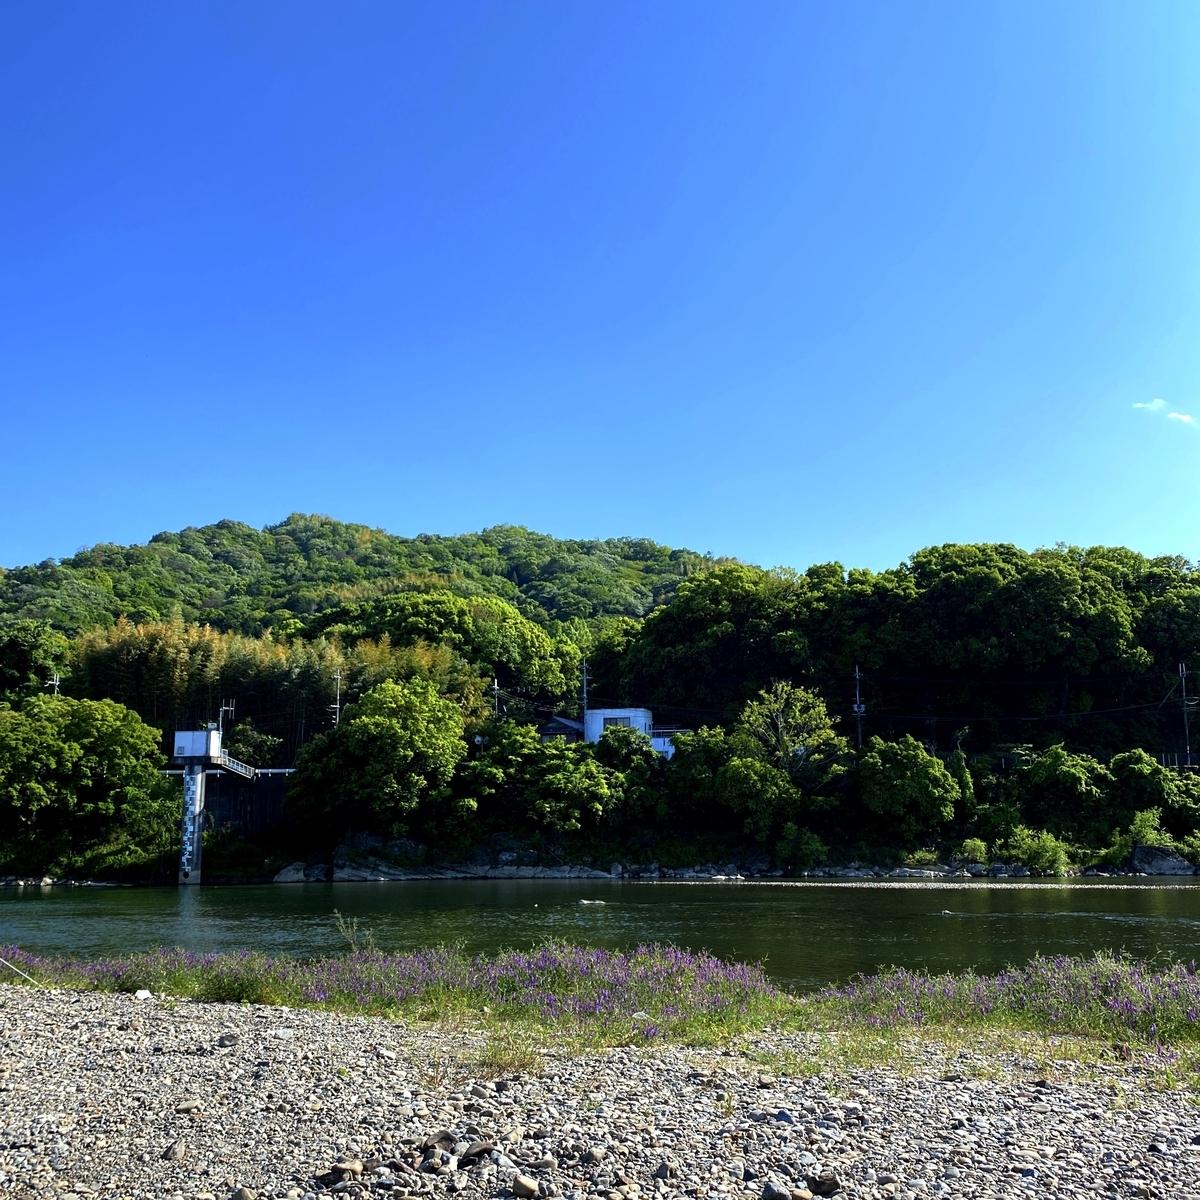 f:id:yukkun_camp:20210613115713j:plain